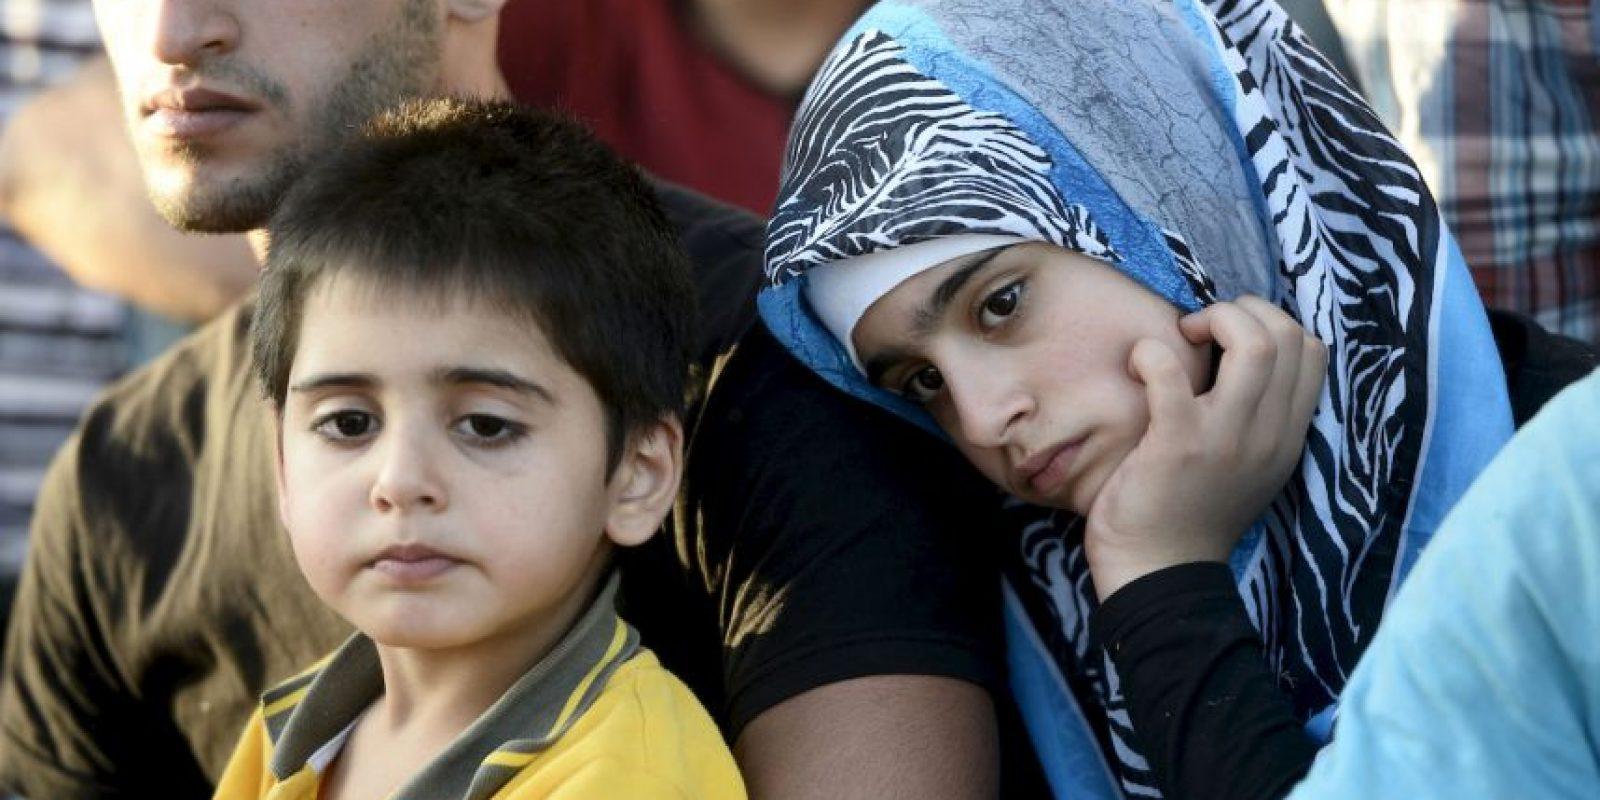 """Según el portal Infobae, esta comenzó por """"la feroz represión del presidente Bashar al Assad y, más recientemente, por la violencia sin límites de Estado Islámico"""". Foto:Getty Images"""